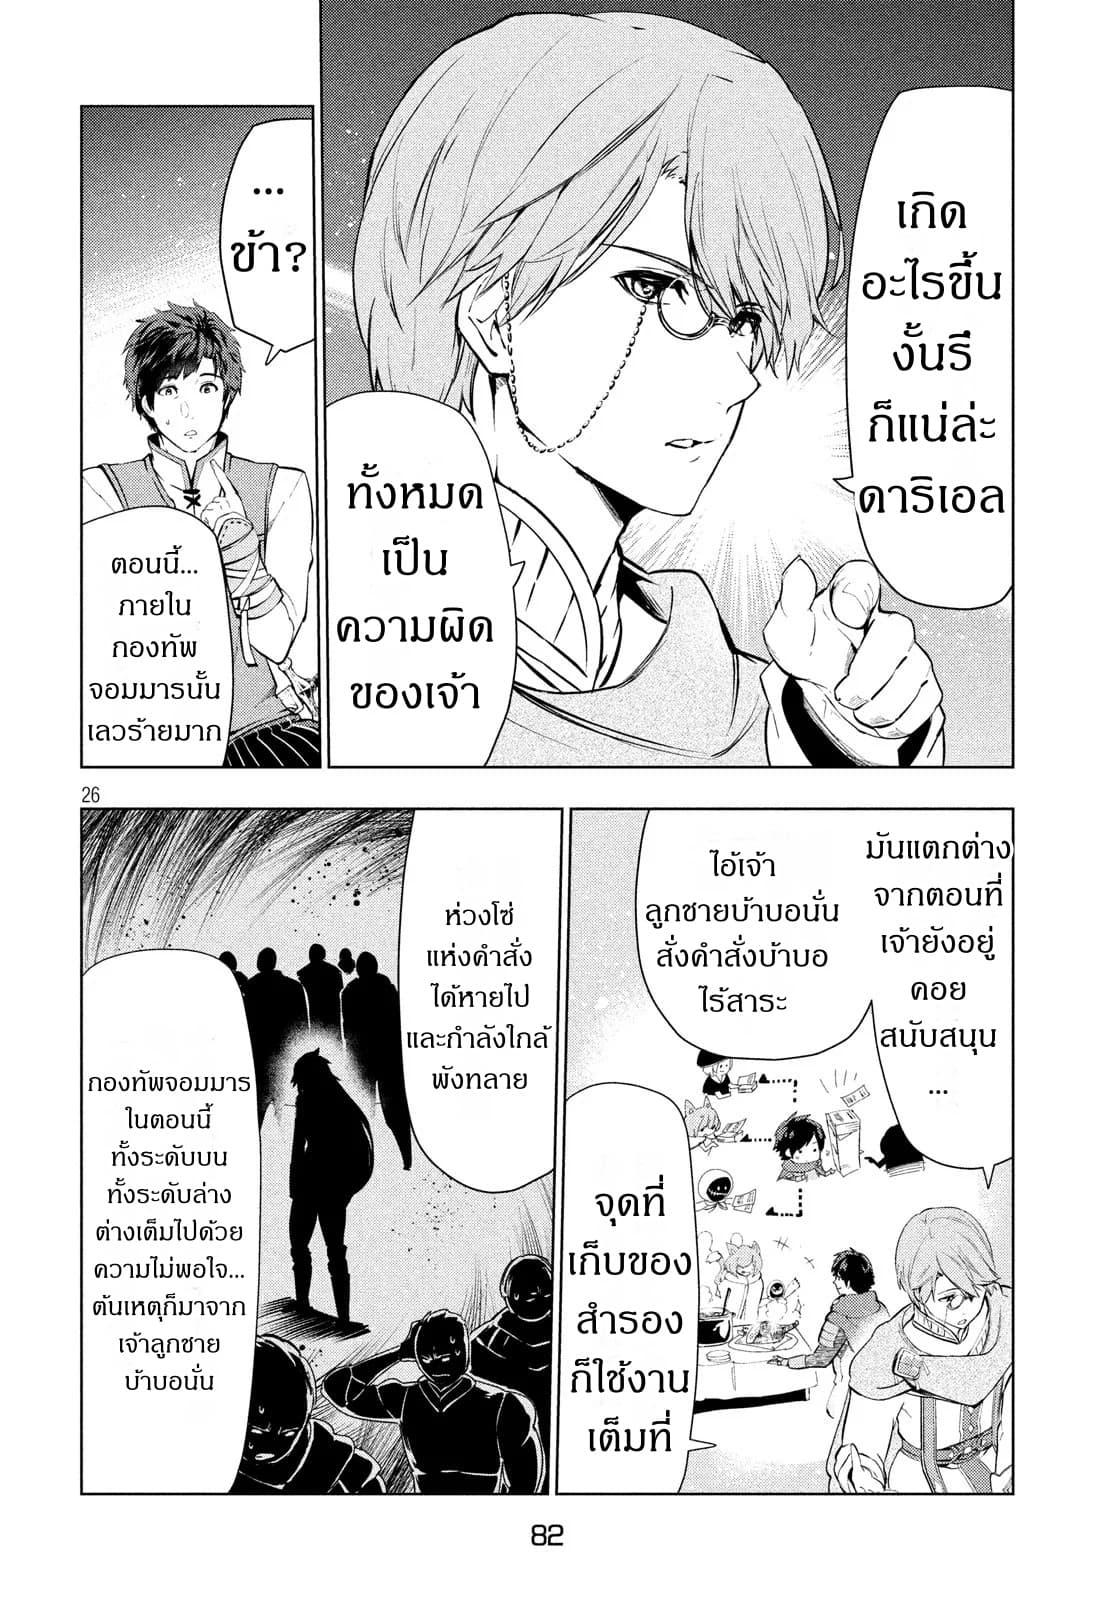 อ่านการ์ตูน Kaiko sareta Ankoku Heishi (30-dai) no Slow na Second ตอนที่ 8.2 หน้าที่ 6